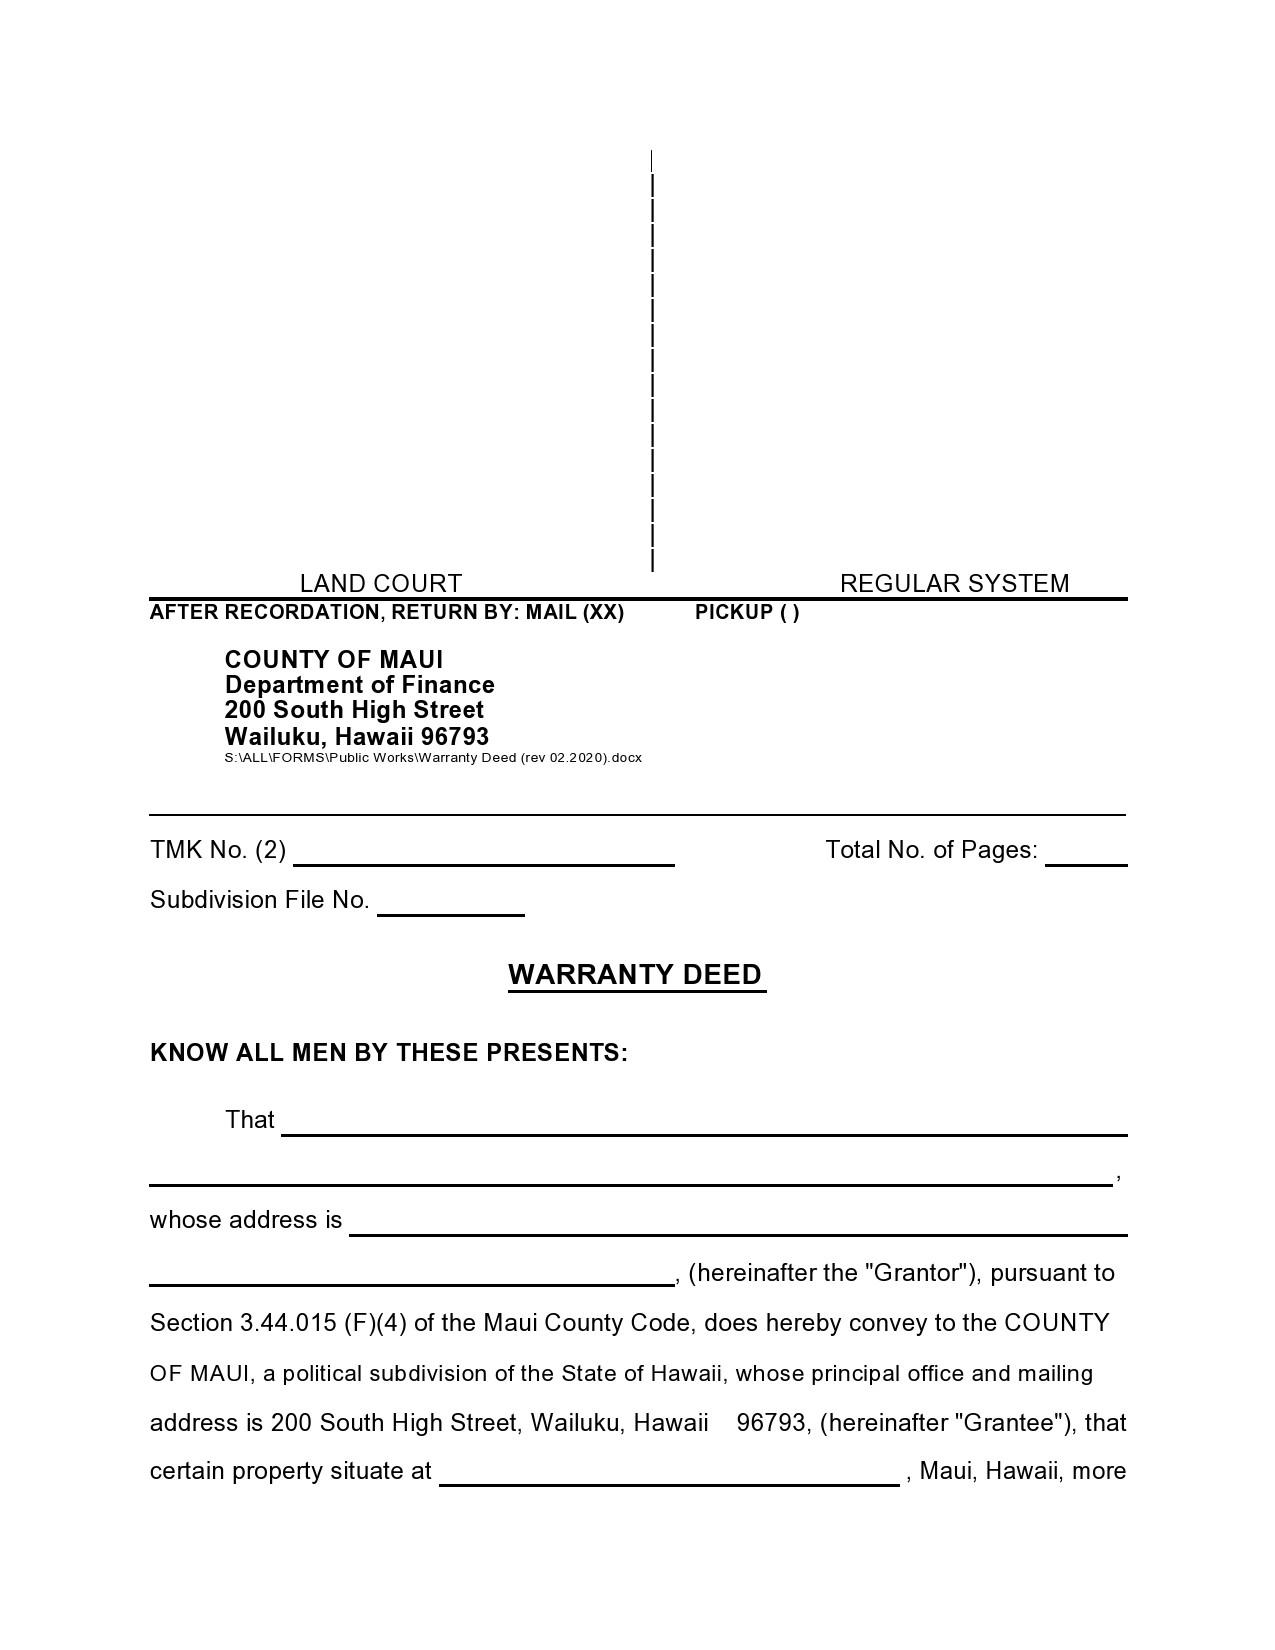 Free warranty deed form 05